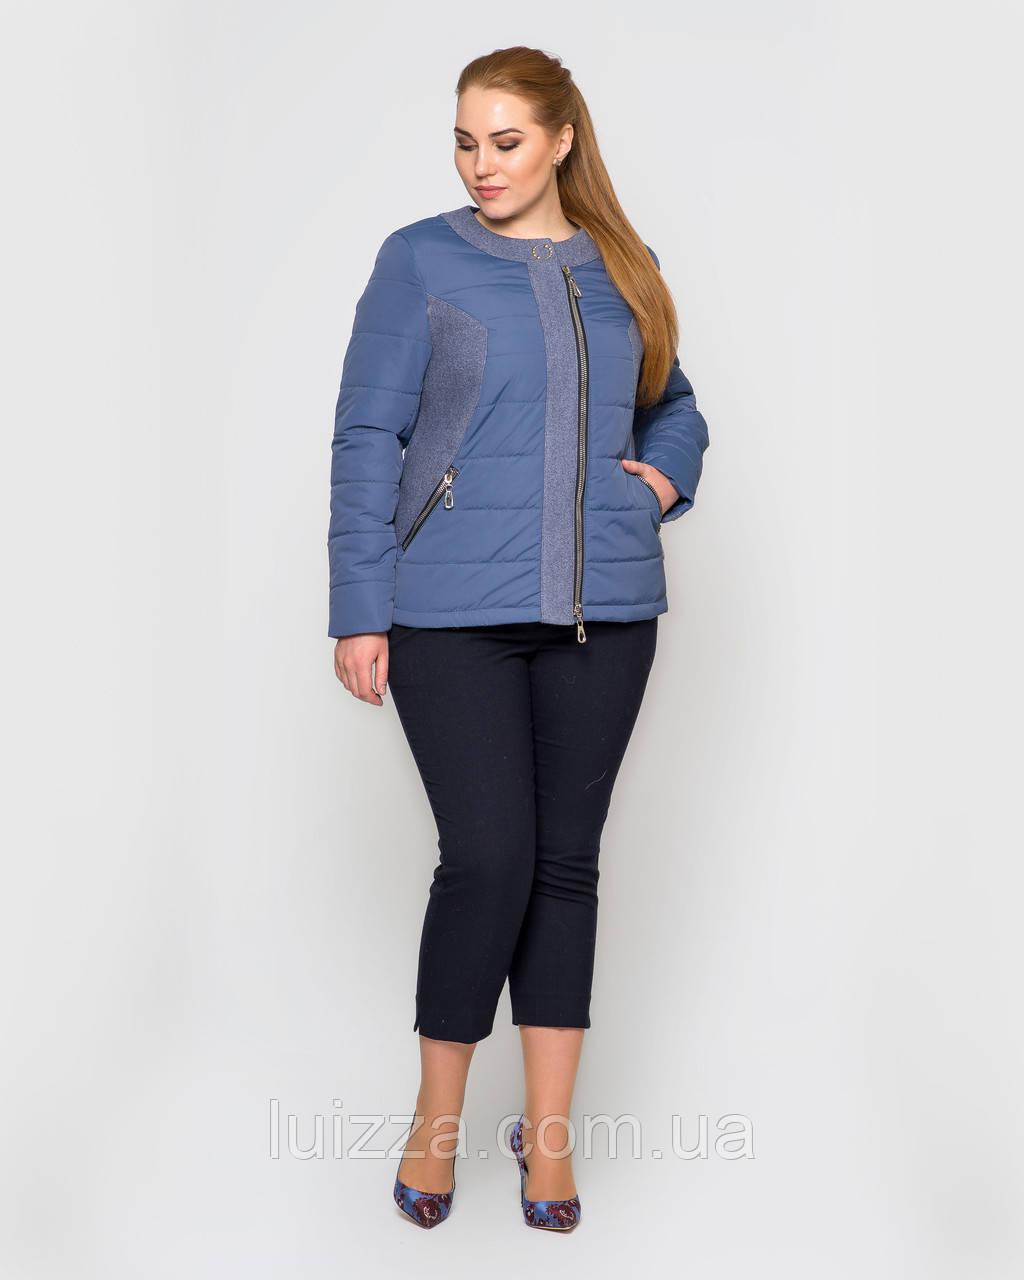 Женская демисезонная куртка с воротом Шанель 48-56рр, синяя 54